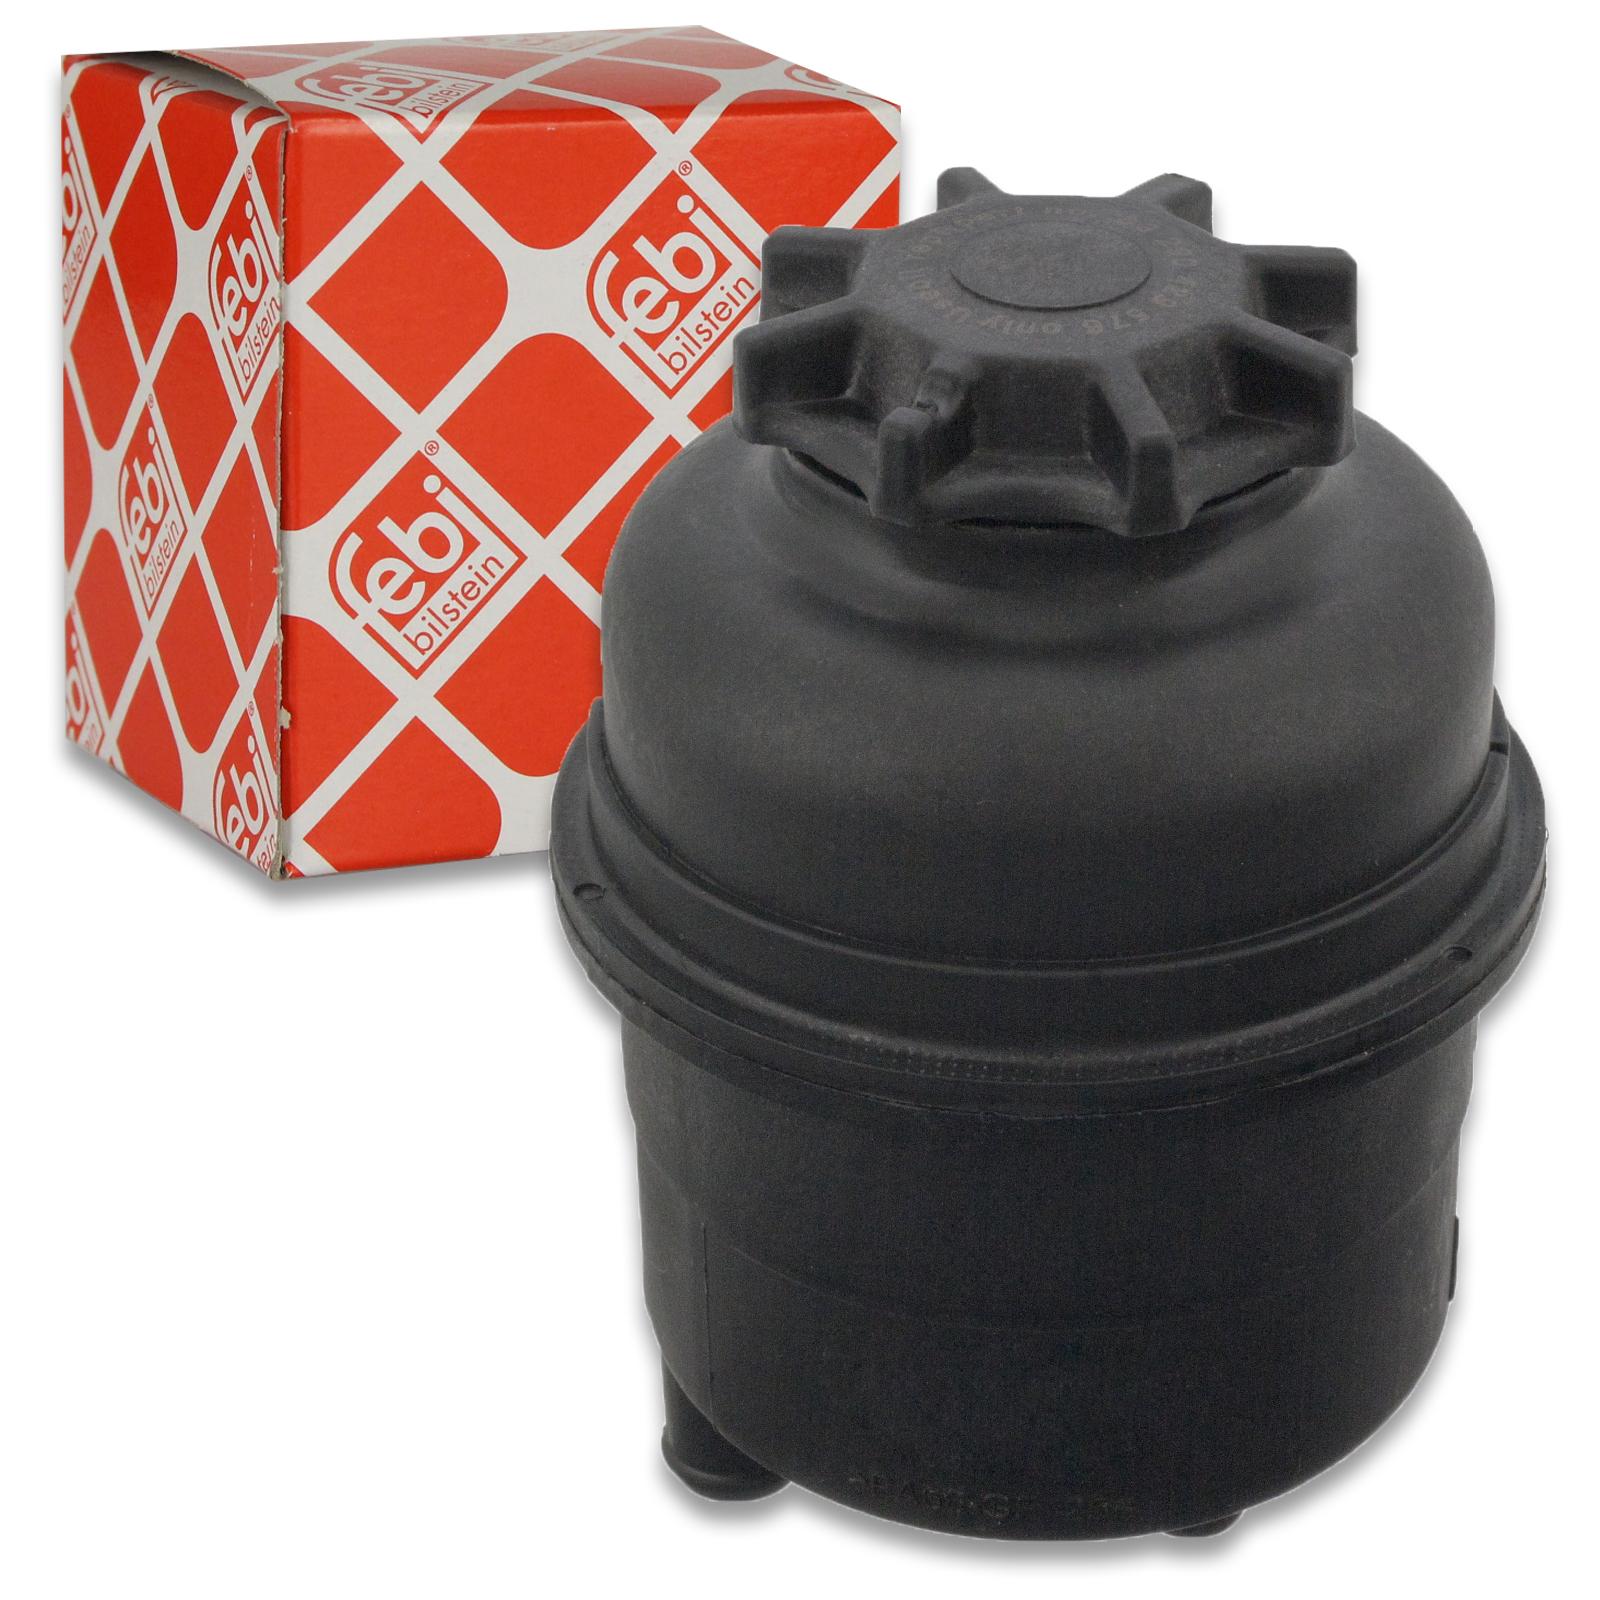 FEBI BILSTEIN Ausgleichsbehälter, Hydrauliköl-Servolenkung febi Plus